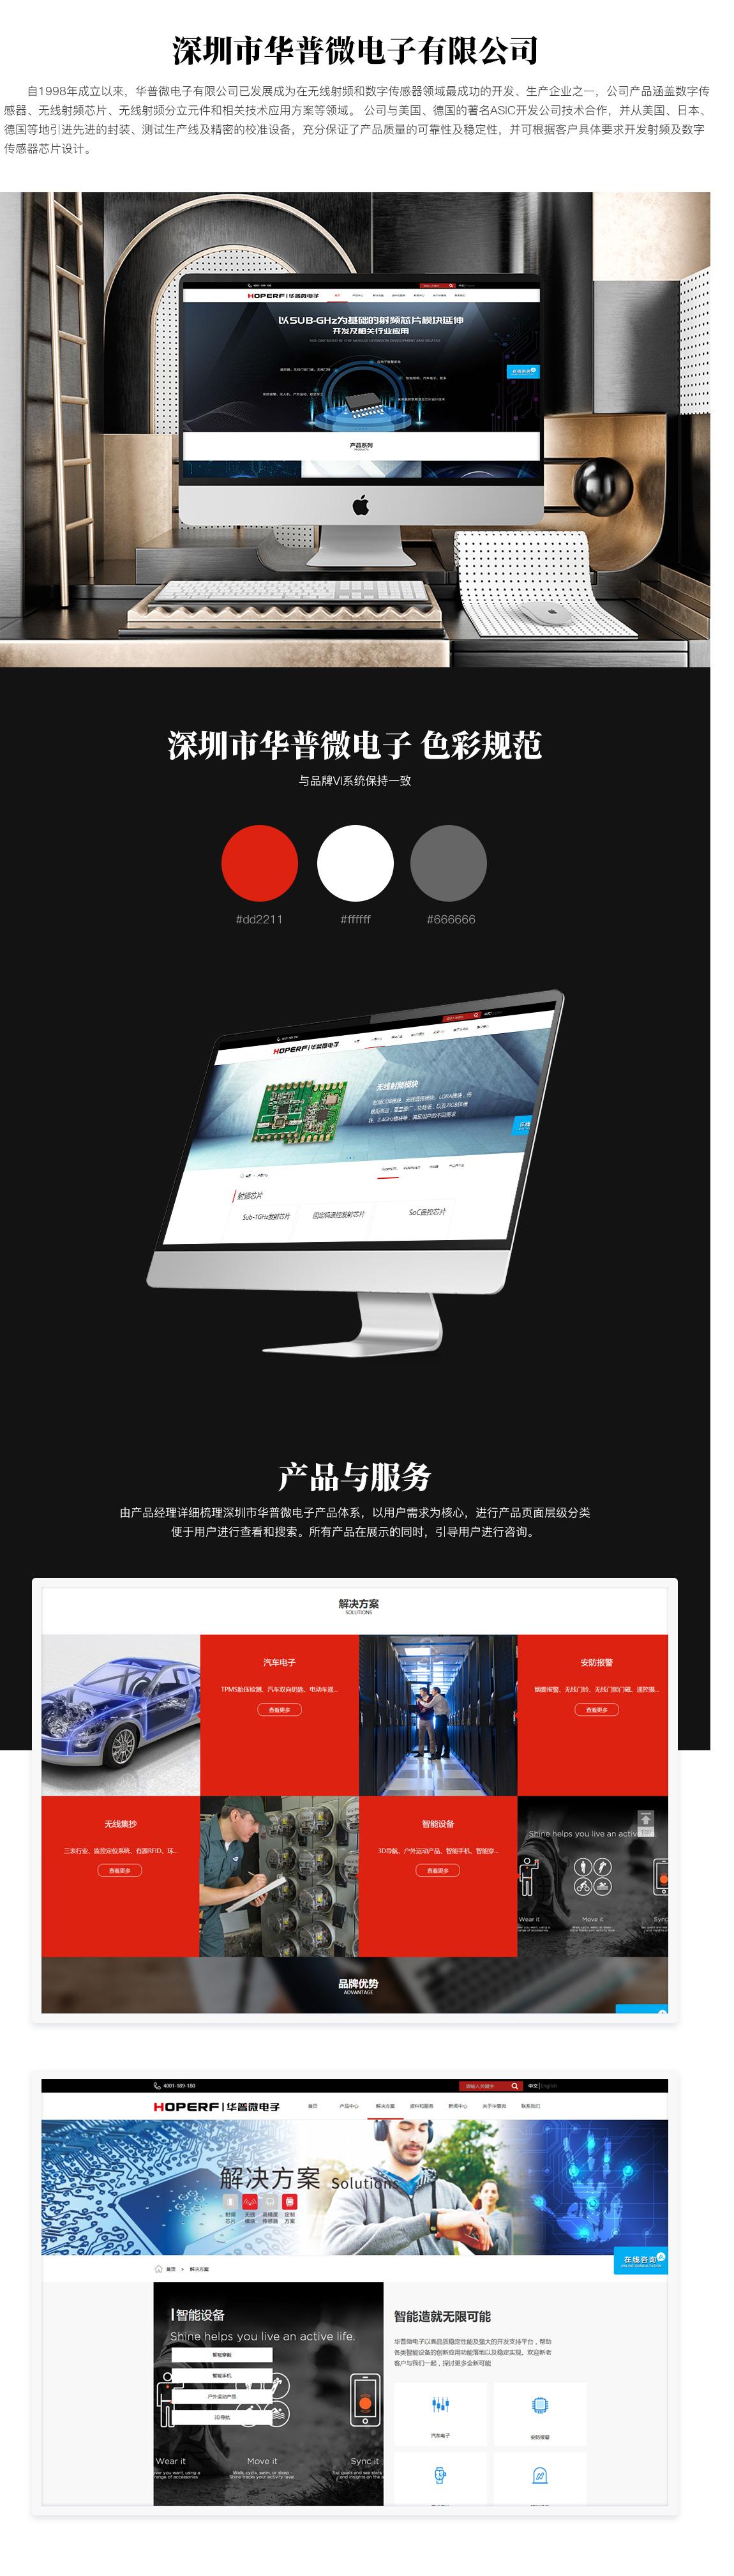 深圳市华普微电子有限公司.jpg